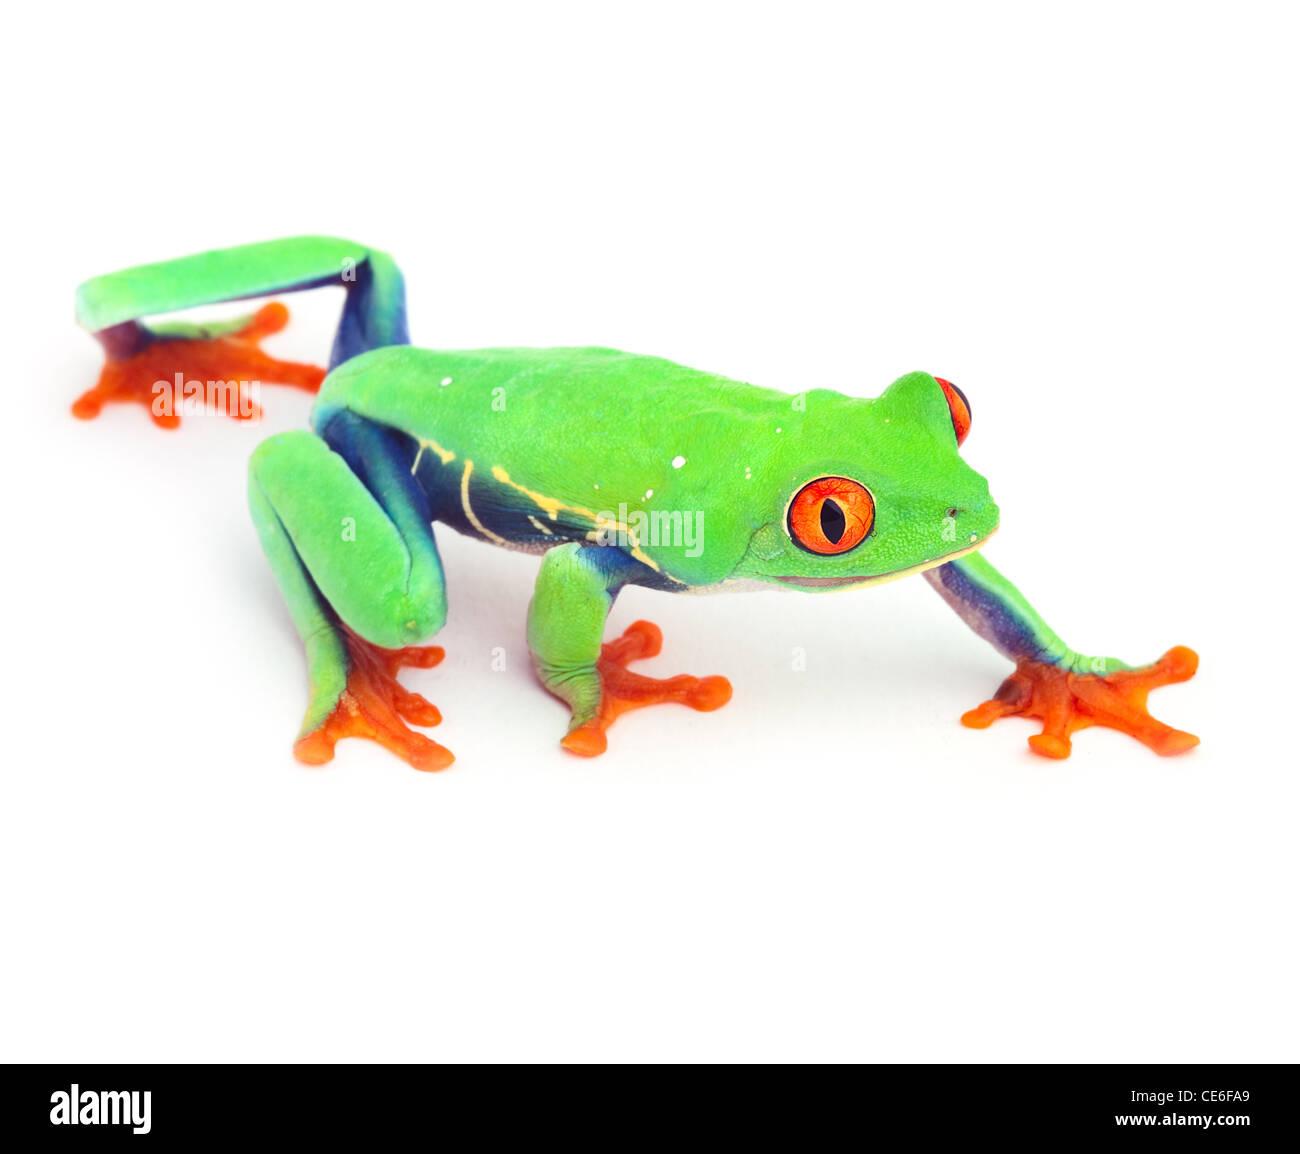 Rote Augen Treefrog Makro isoliert exotische Frosch neugierig Tier ...